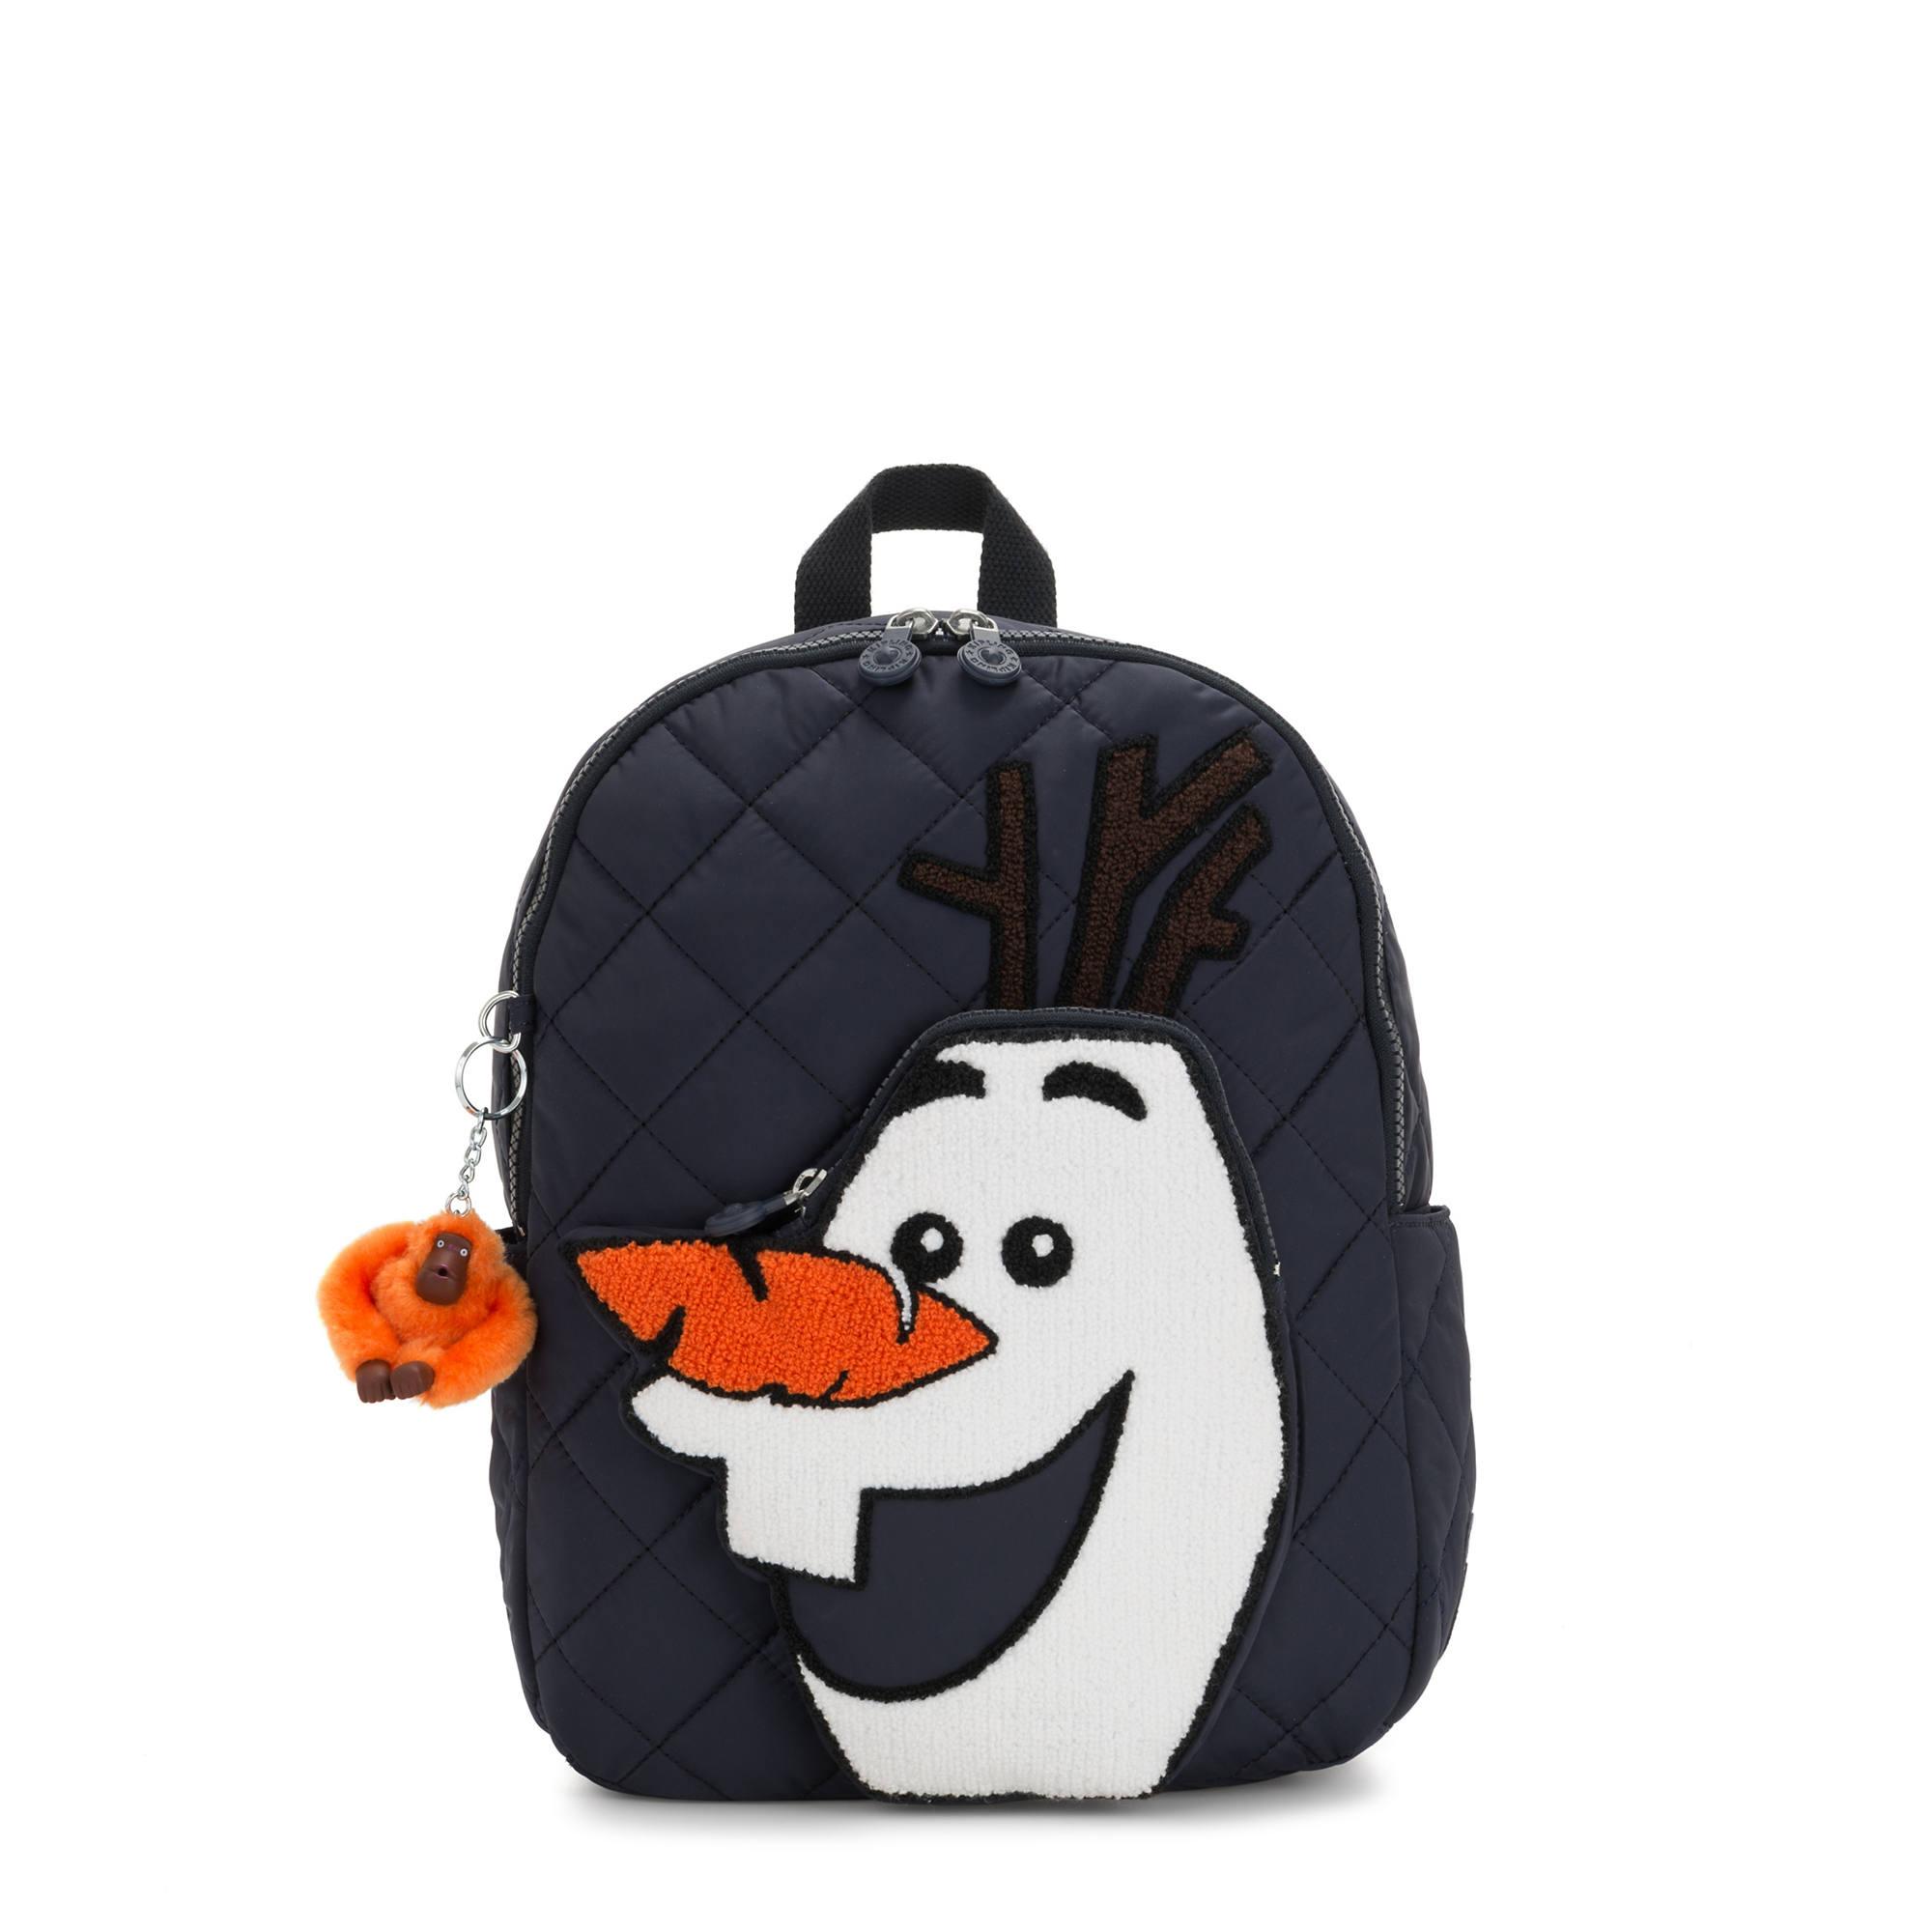 Disney S Frozen Ii Jacks Backpack Kipling